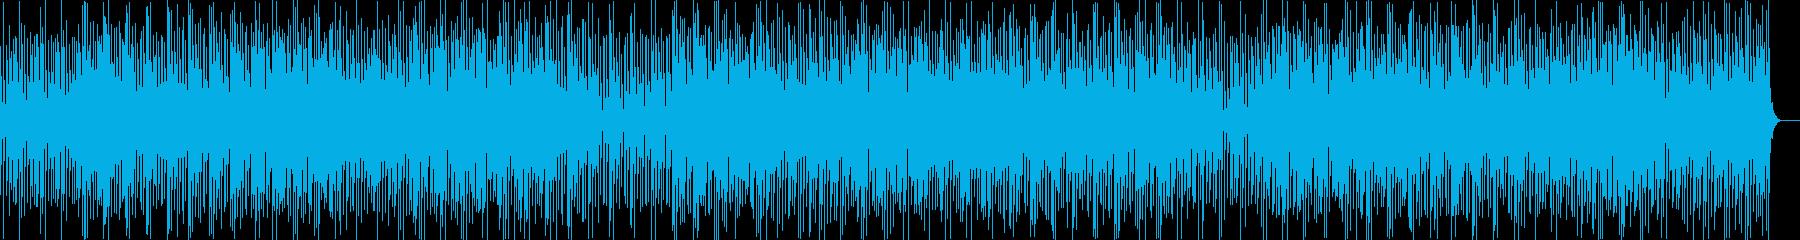 素朴で明るい雰囲気のアイリッシュケルトの再生済みの波形